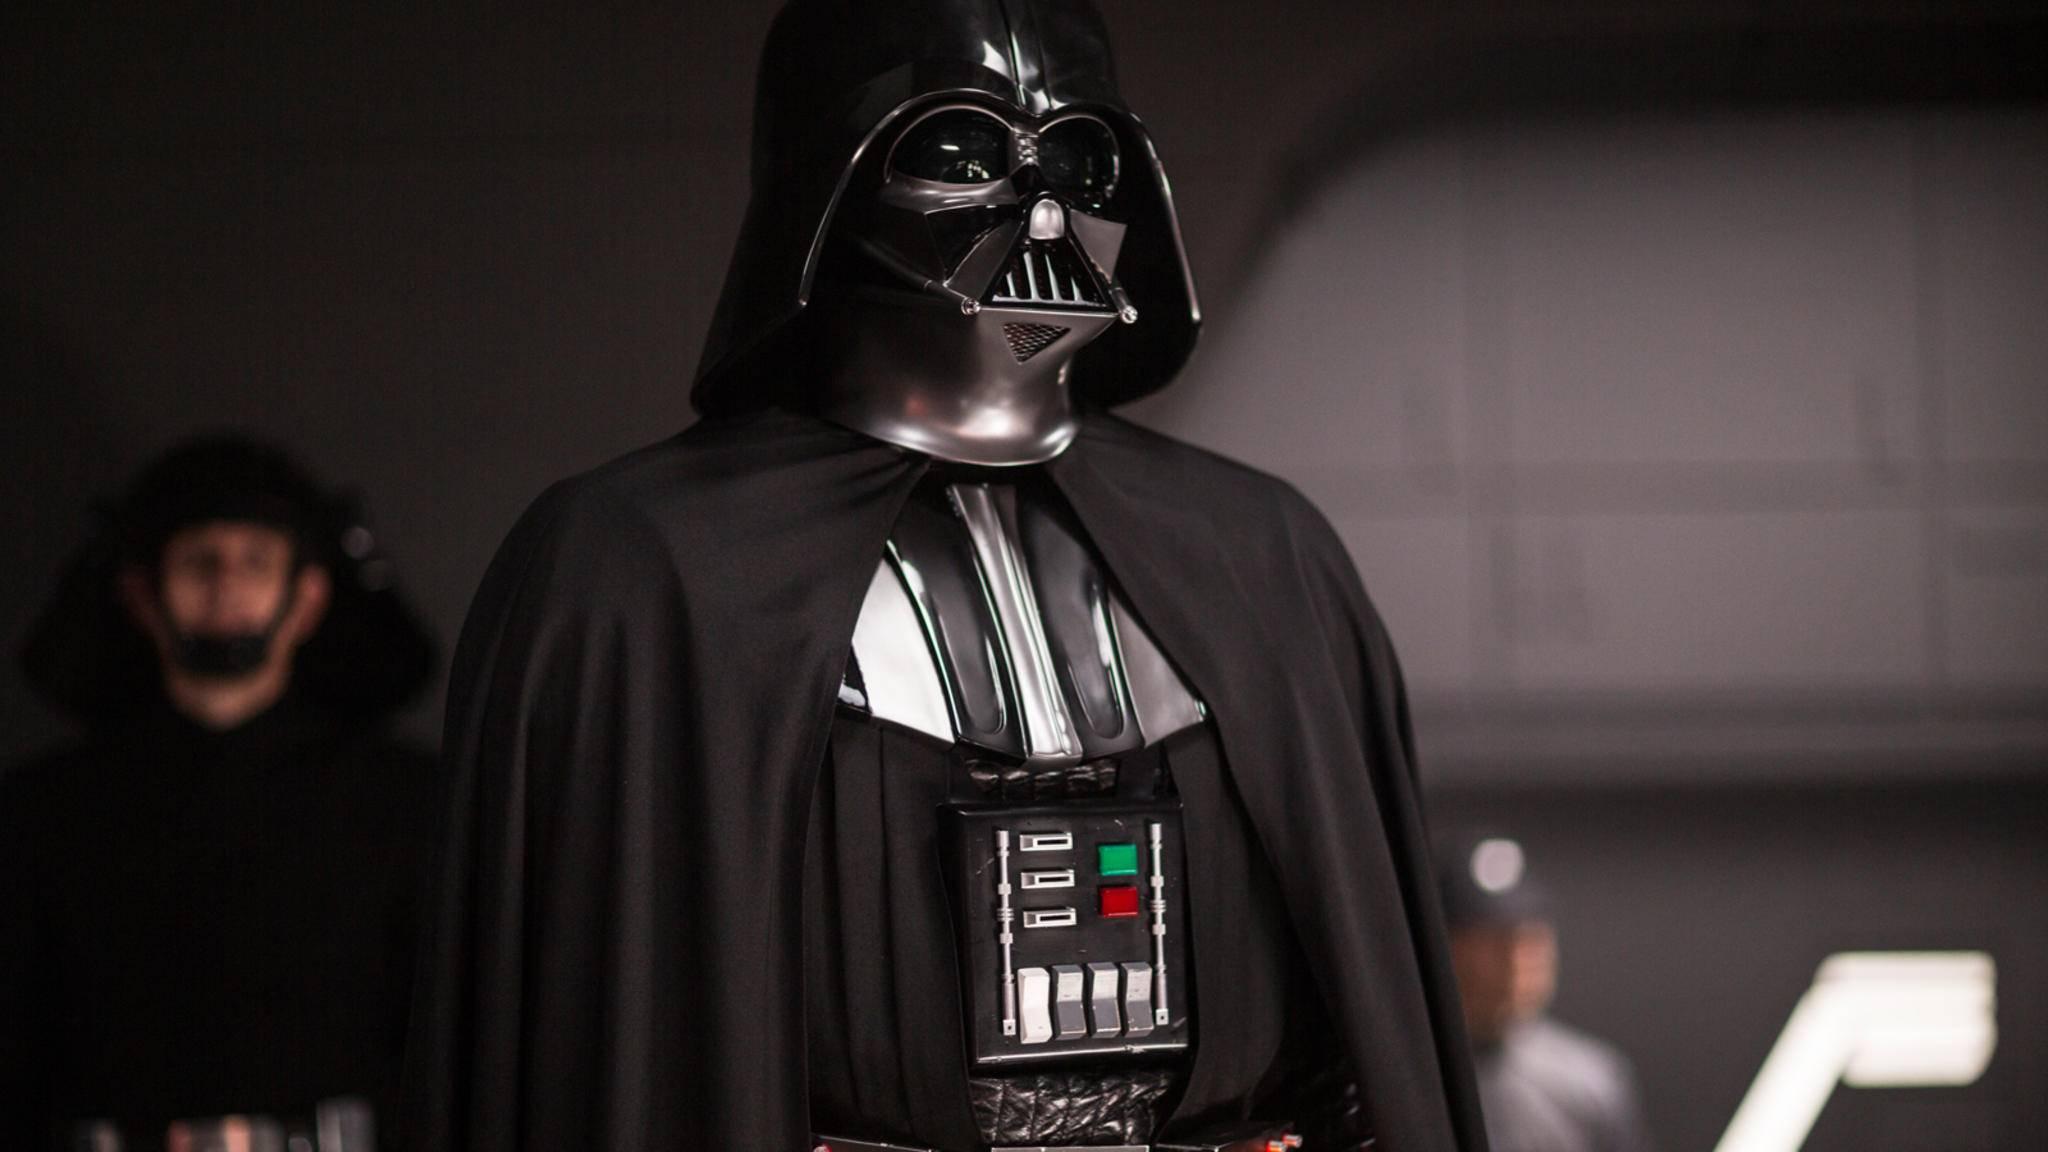 Fast hätte die düstere Gestalt von Darth Vader im bunten Universum der Guardians einen Auftritt gehabt.